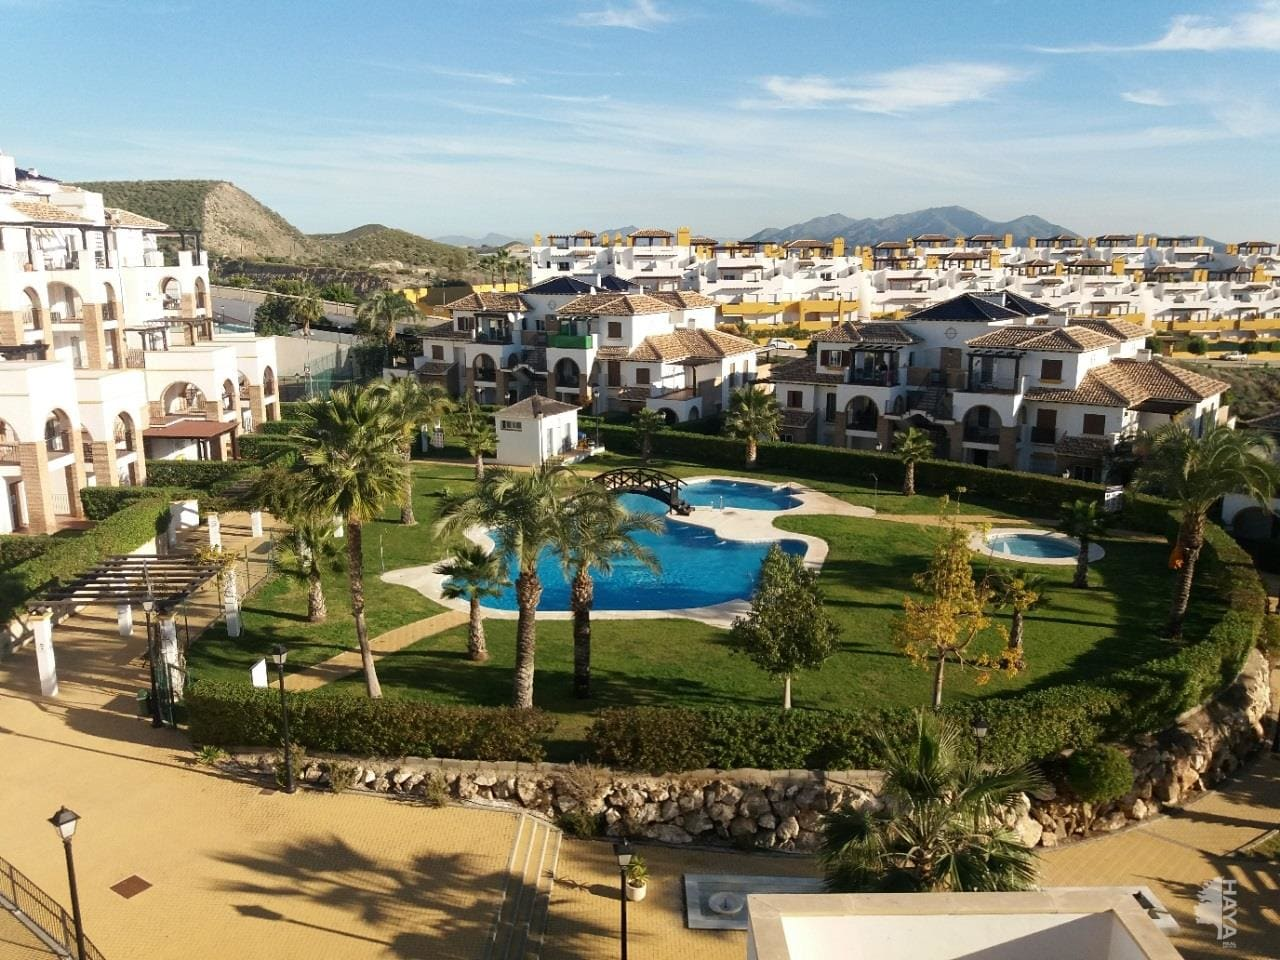 Piso en venta en Vera Playa, Vera, Almería, Calle Tomillo, 102.600 €, 2 habitaciones, 2 baños, 85 m2